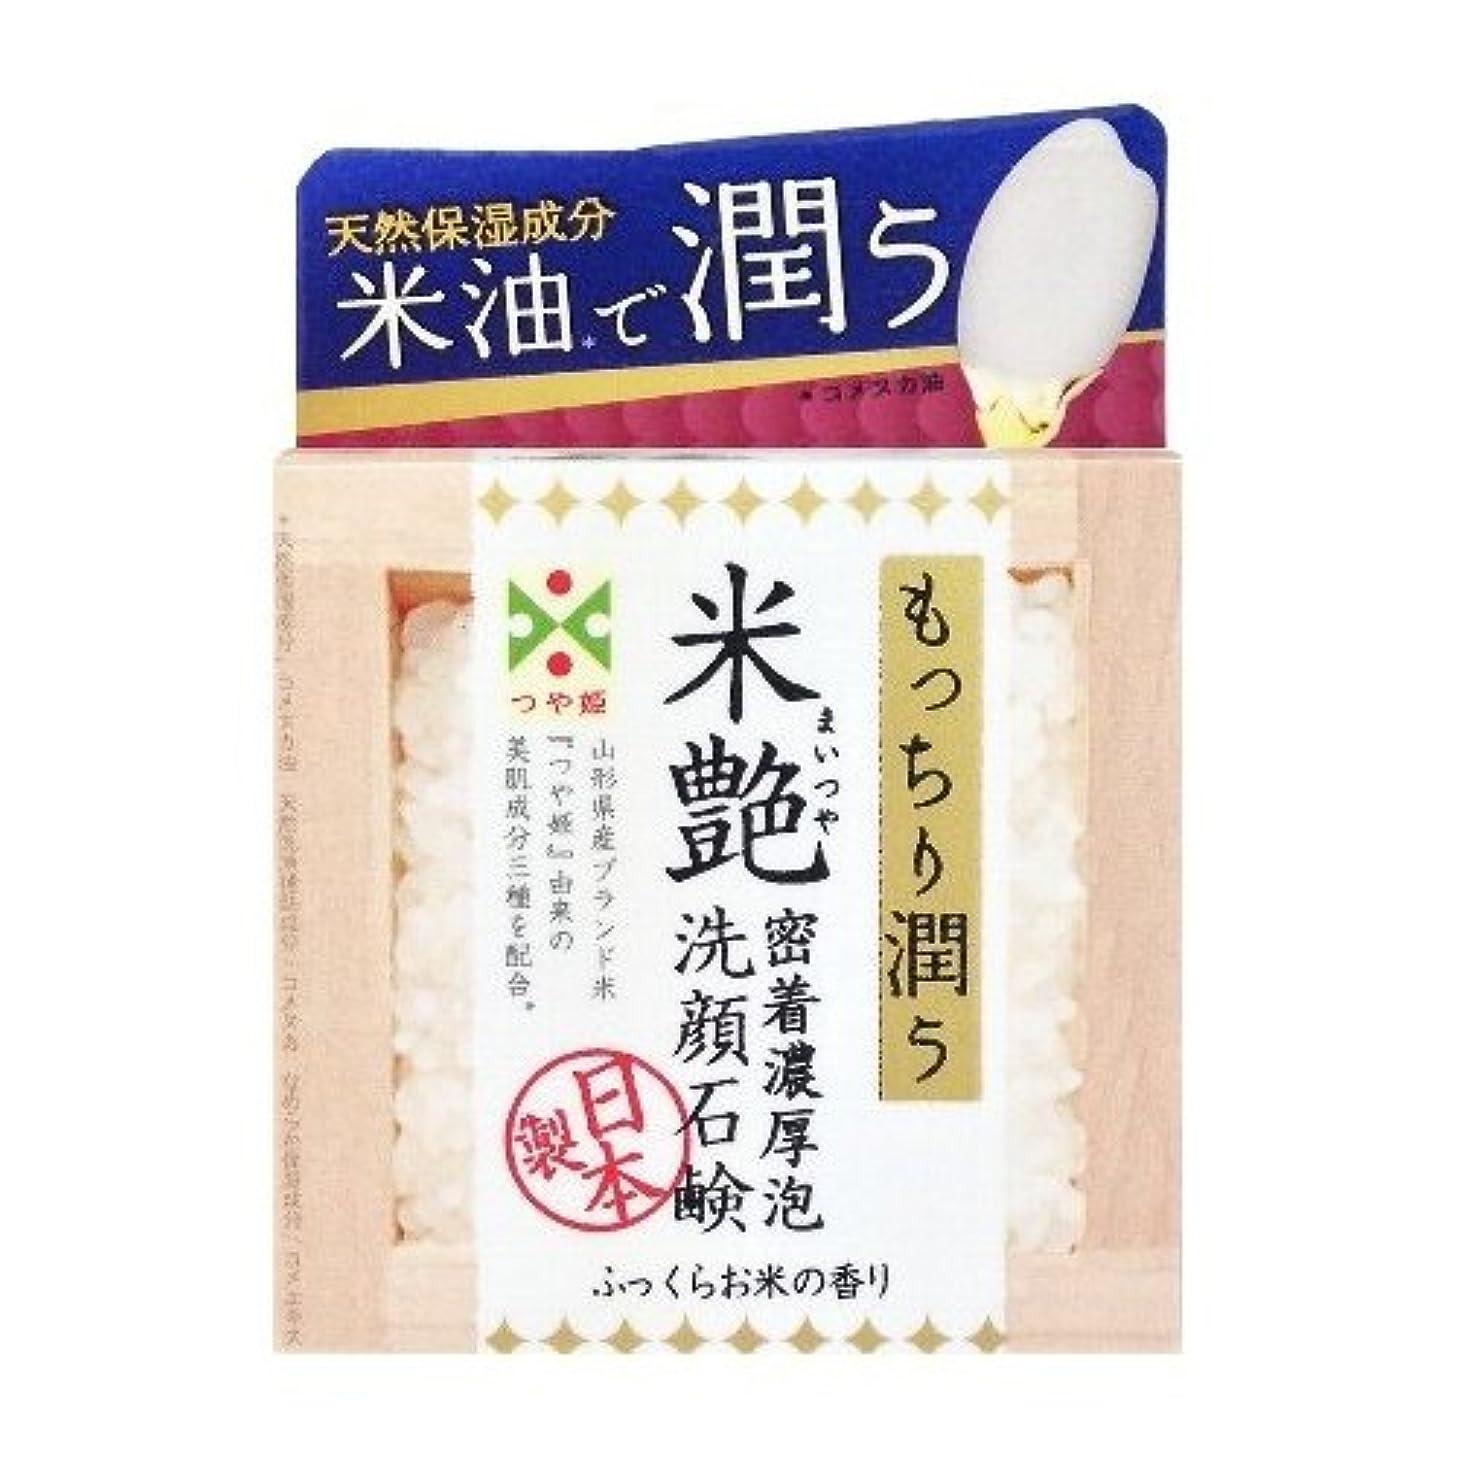 必需品パシフィック倉庫ペリカン石鹸 米艶洗顔石鹸 100g